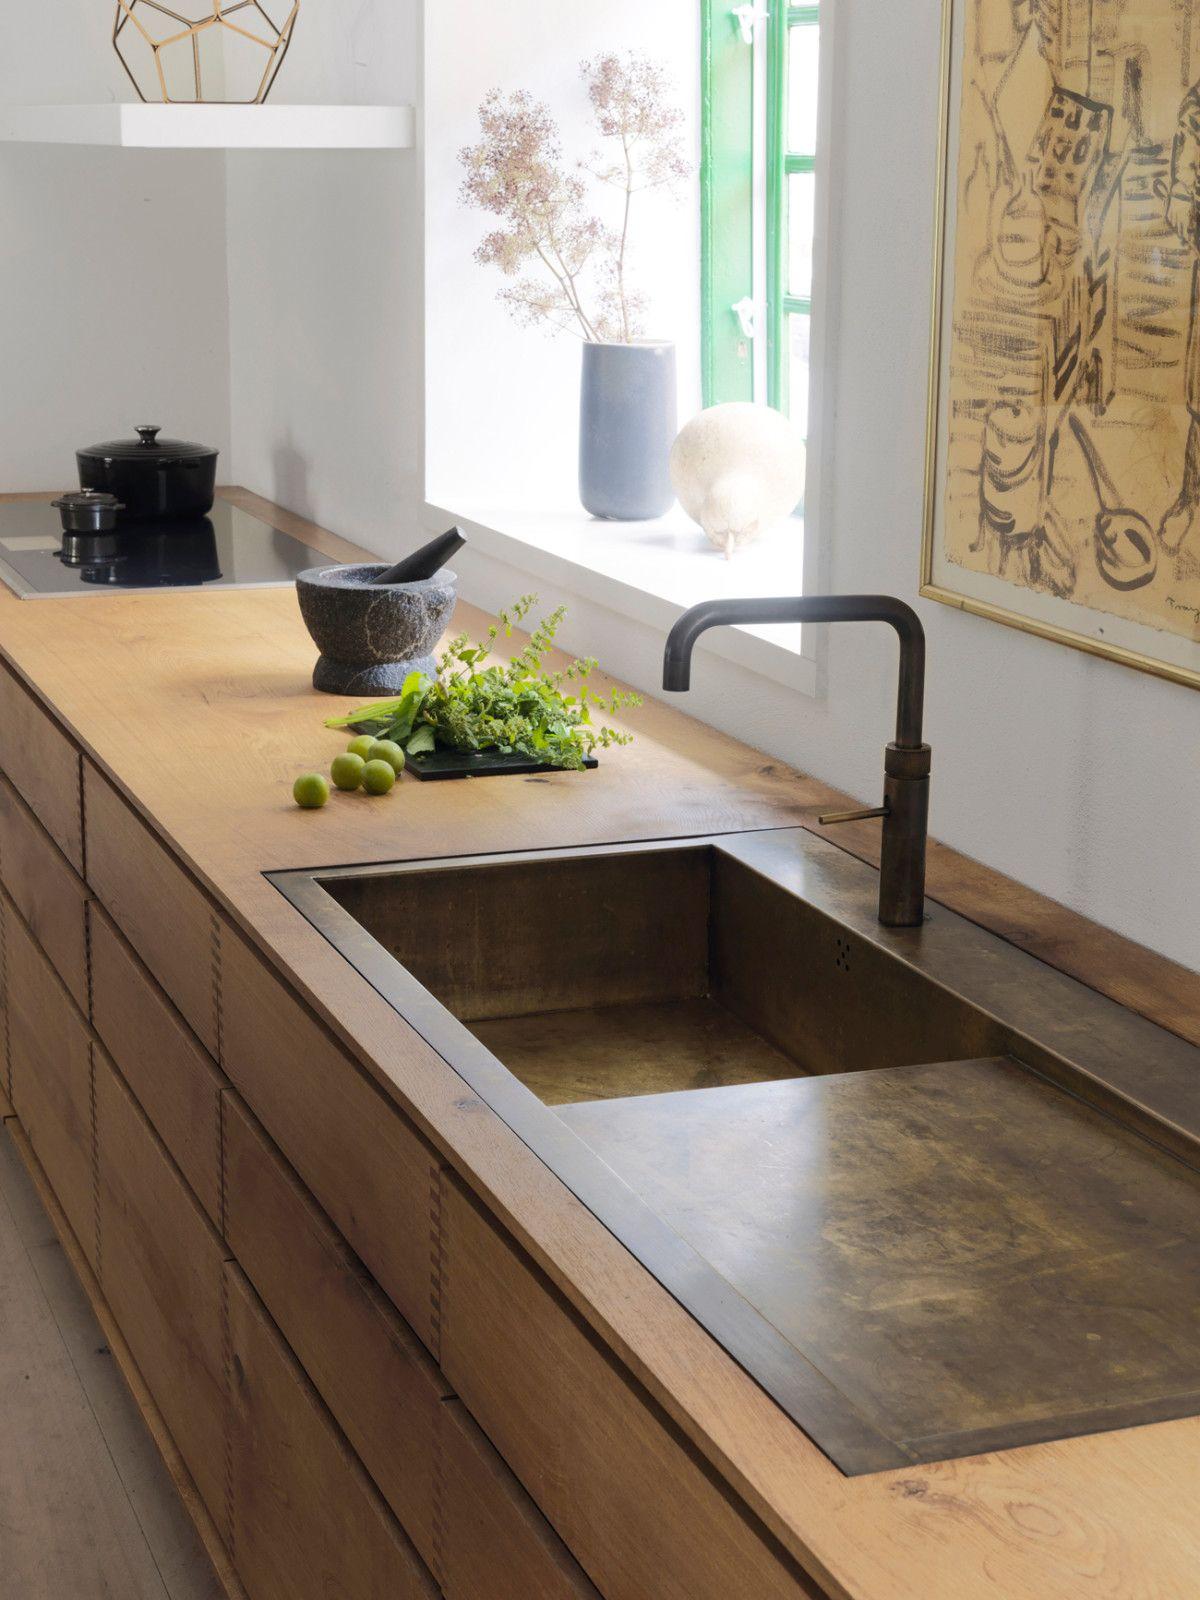 Good wood cooking | Pinterest | Steckbrief, Kopenhagen und Holz